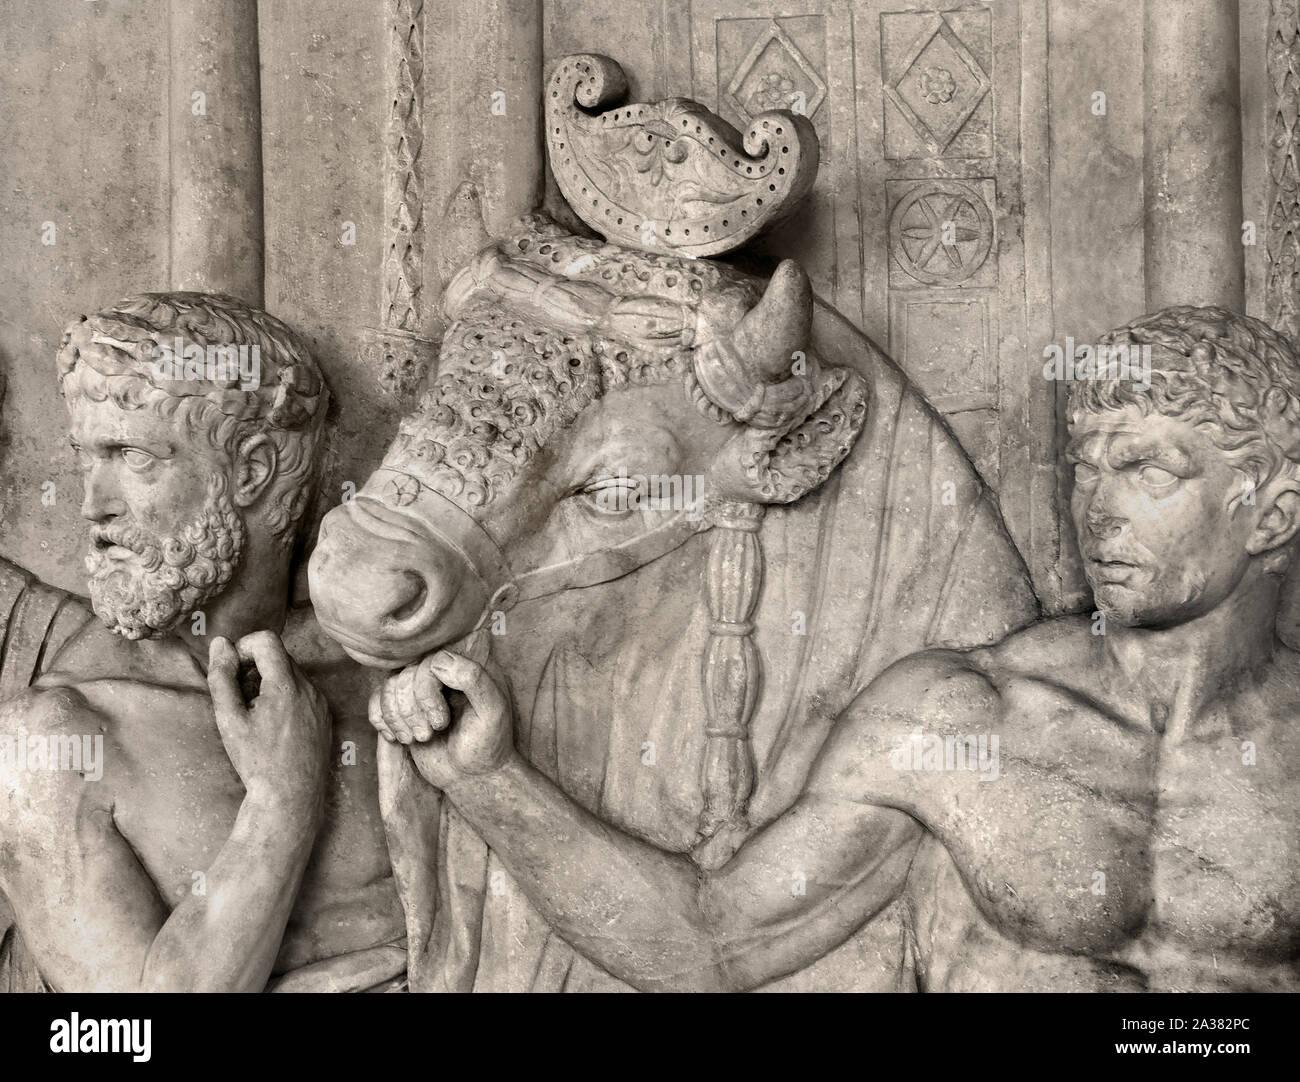 Alloro CORONA testa Gioielli römerin alloro Corona Oro Antico Capelli Gioielli Roma